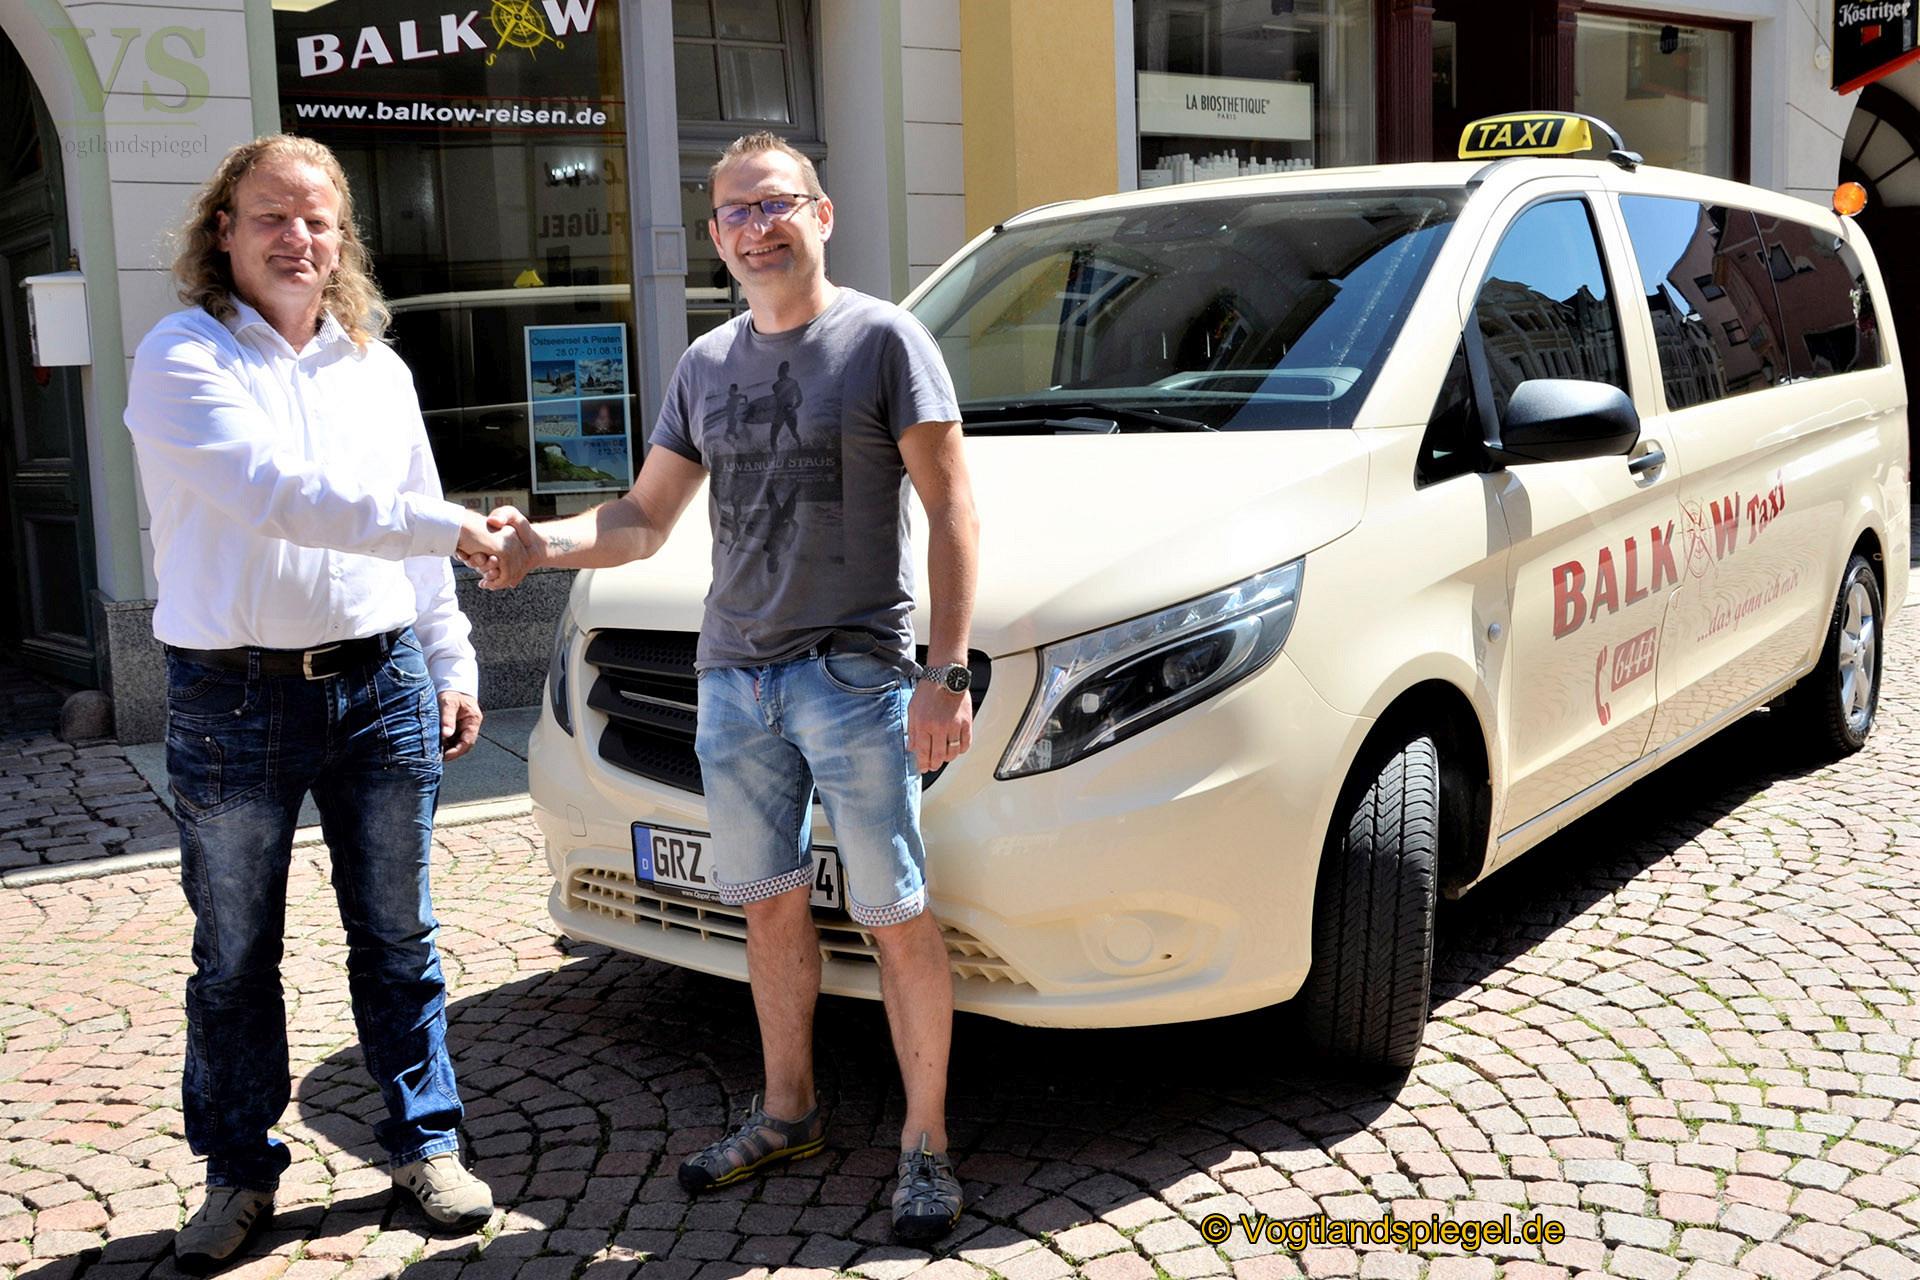 Balkow-Reisen Greiz: Angebotspalette mit Taxiunternehmen erweitert